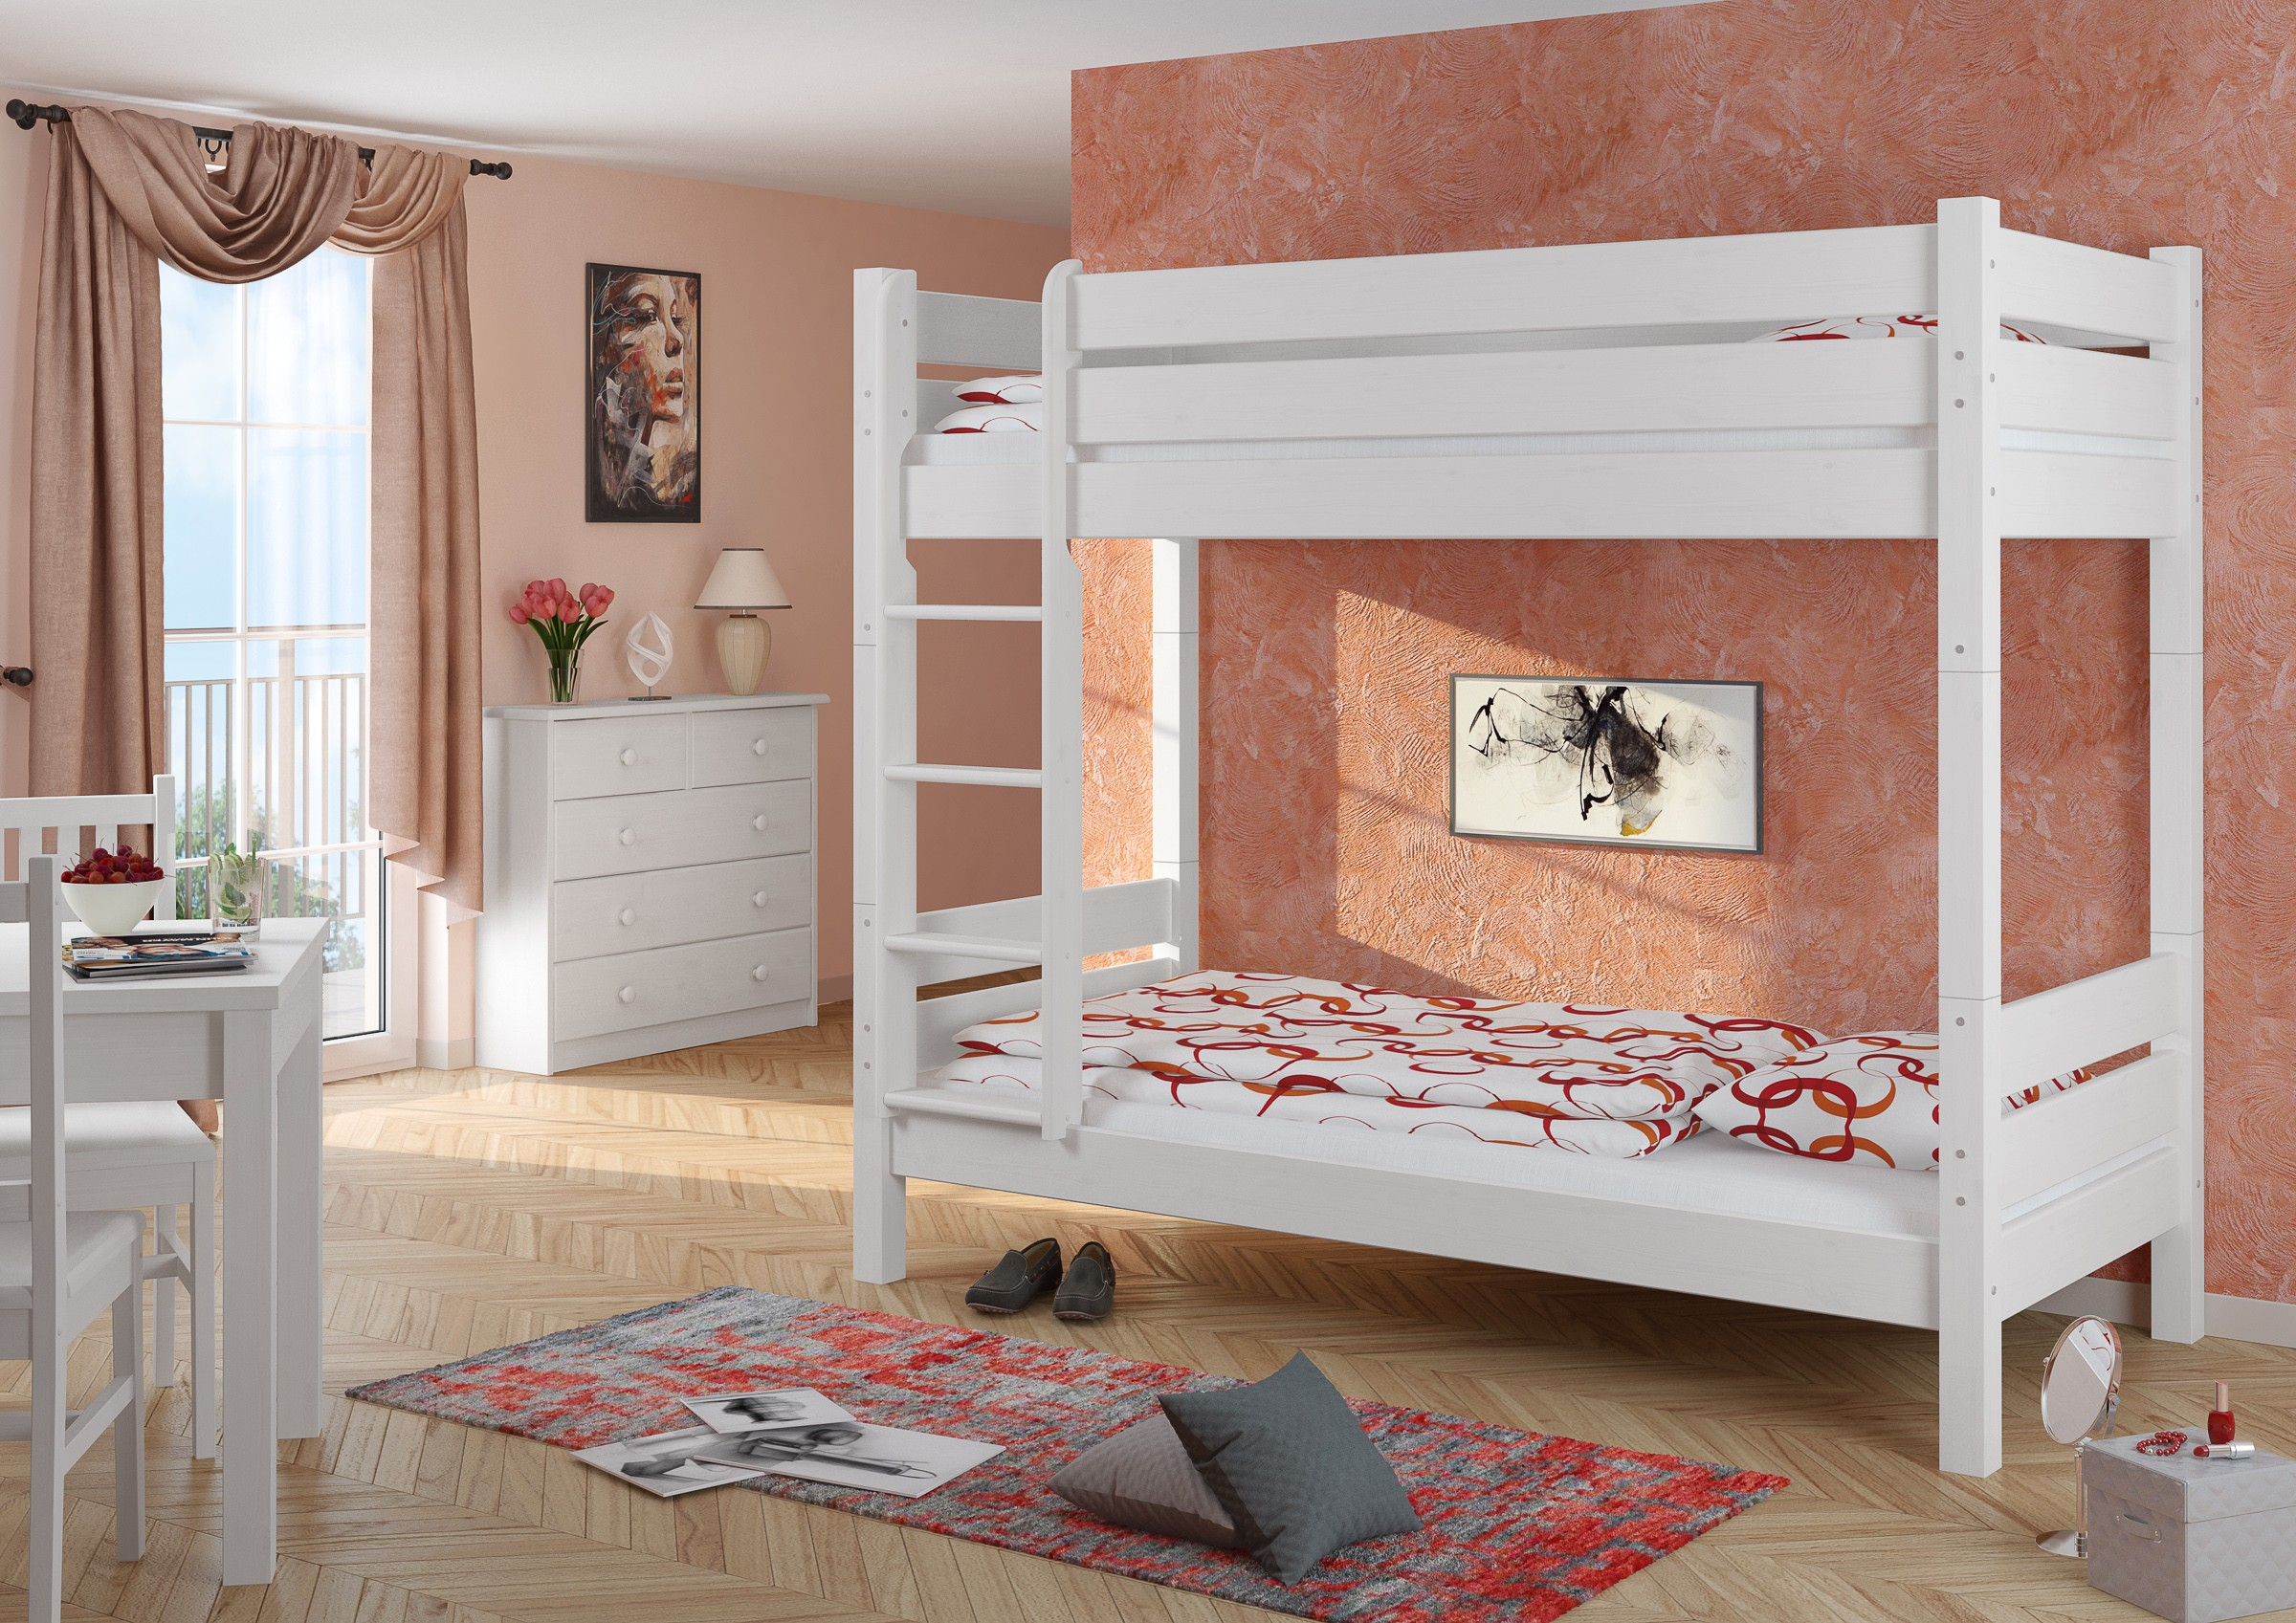 hochbett etagenbett wei 90x200 teilbar 2 rollroste matratzen w t100 m 4250639504967 ebay. Black Bedroom Furniture Sets. Home Design Ideas